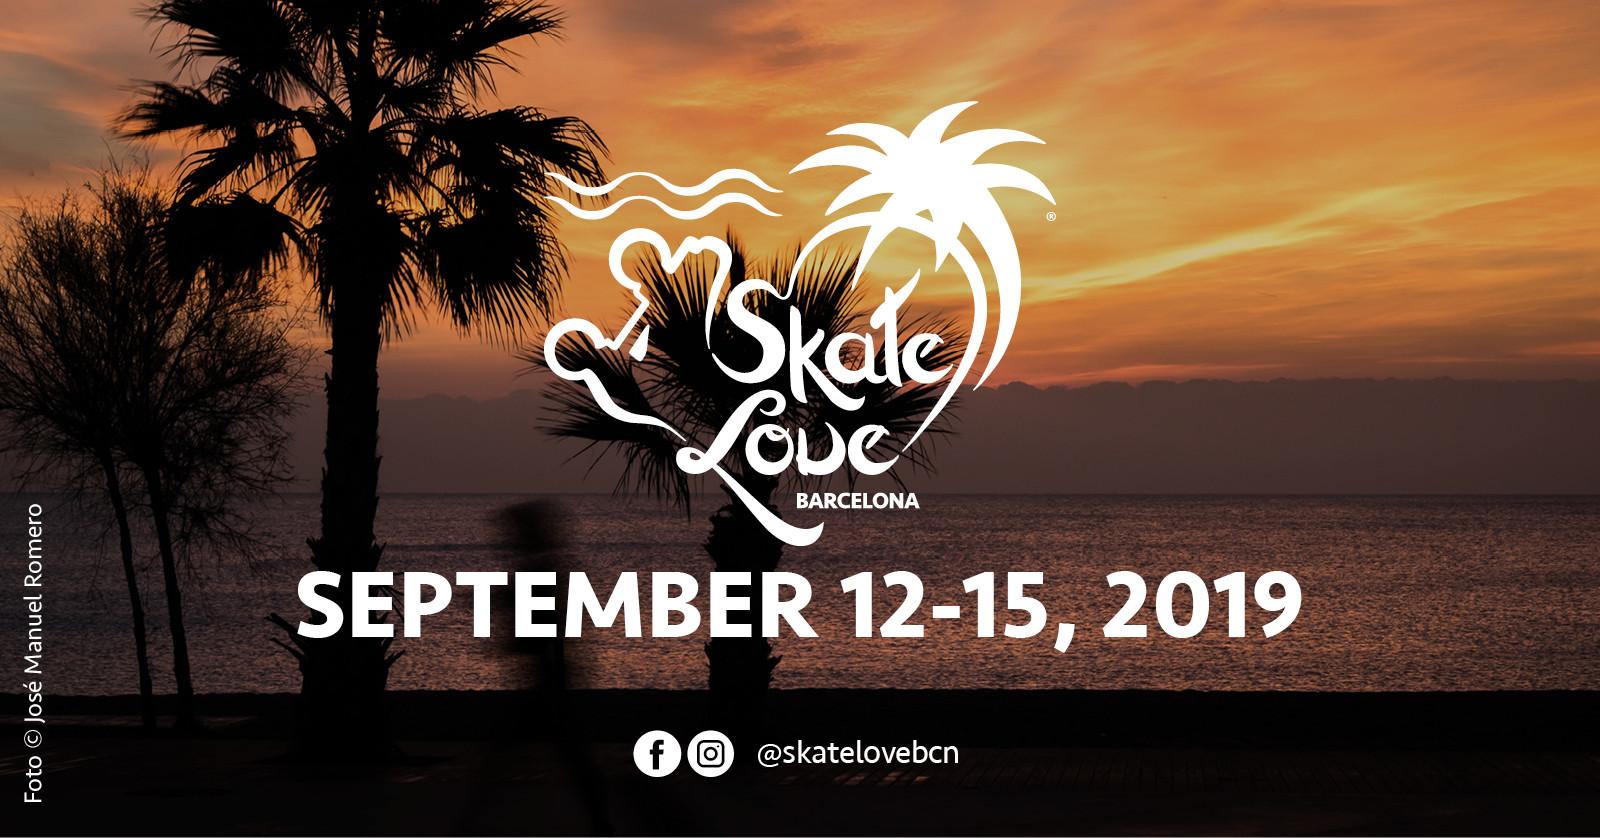 Resultado de imagen para Skate Love Barcelona 2019